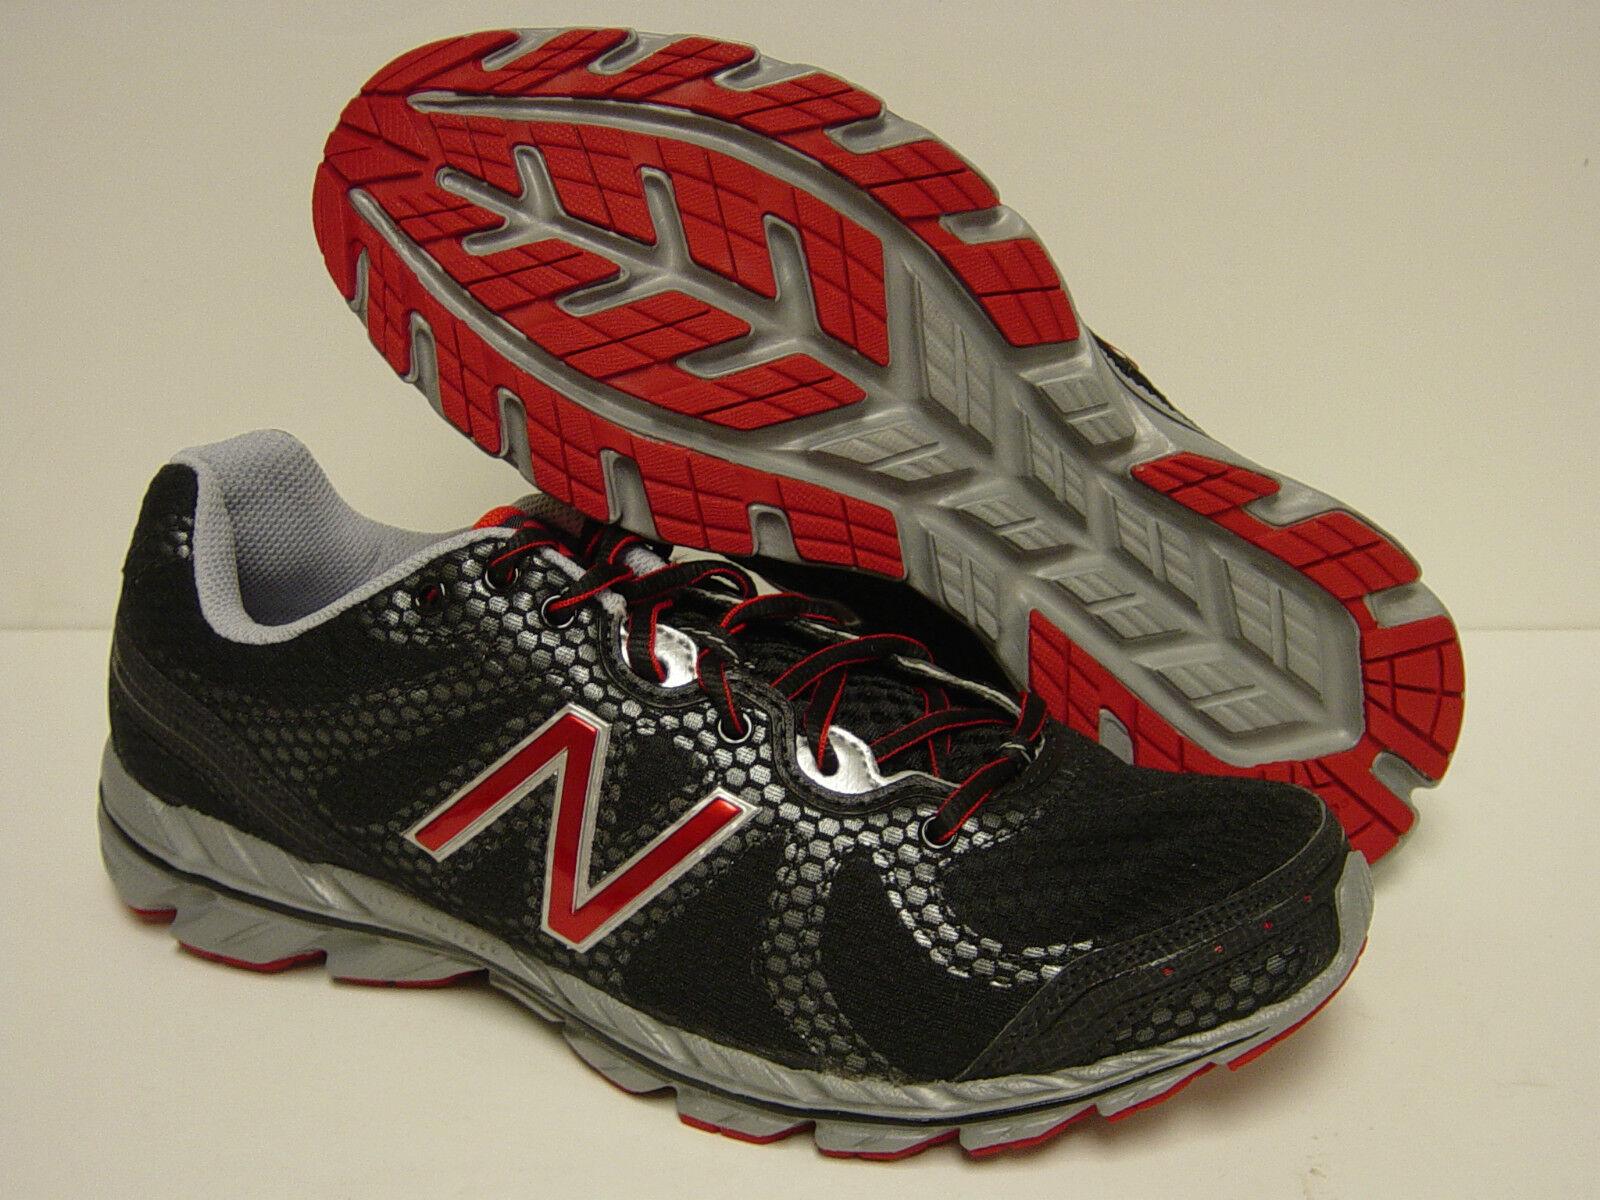 New Hombre New Balance 590 Corriendo BS2 negro plata rojo Corriendo 590 Zapatillas Zapatos baf2cd